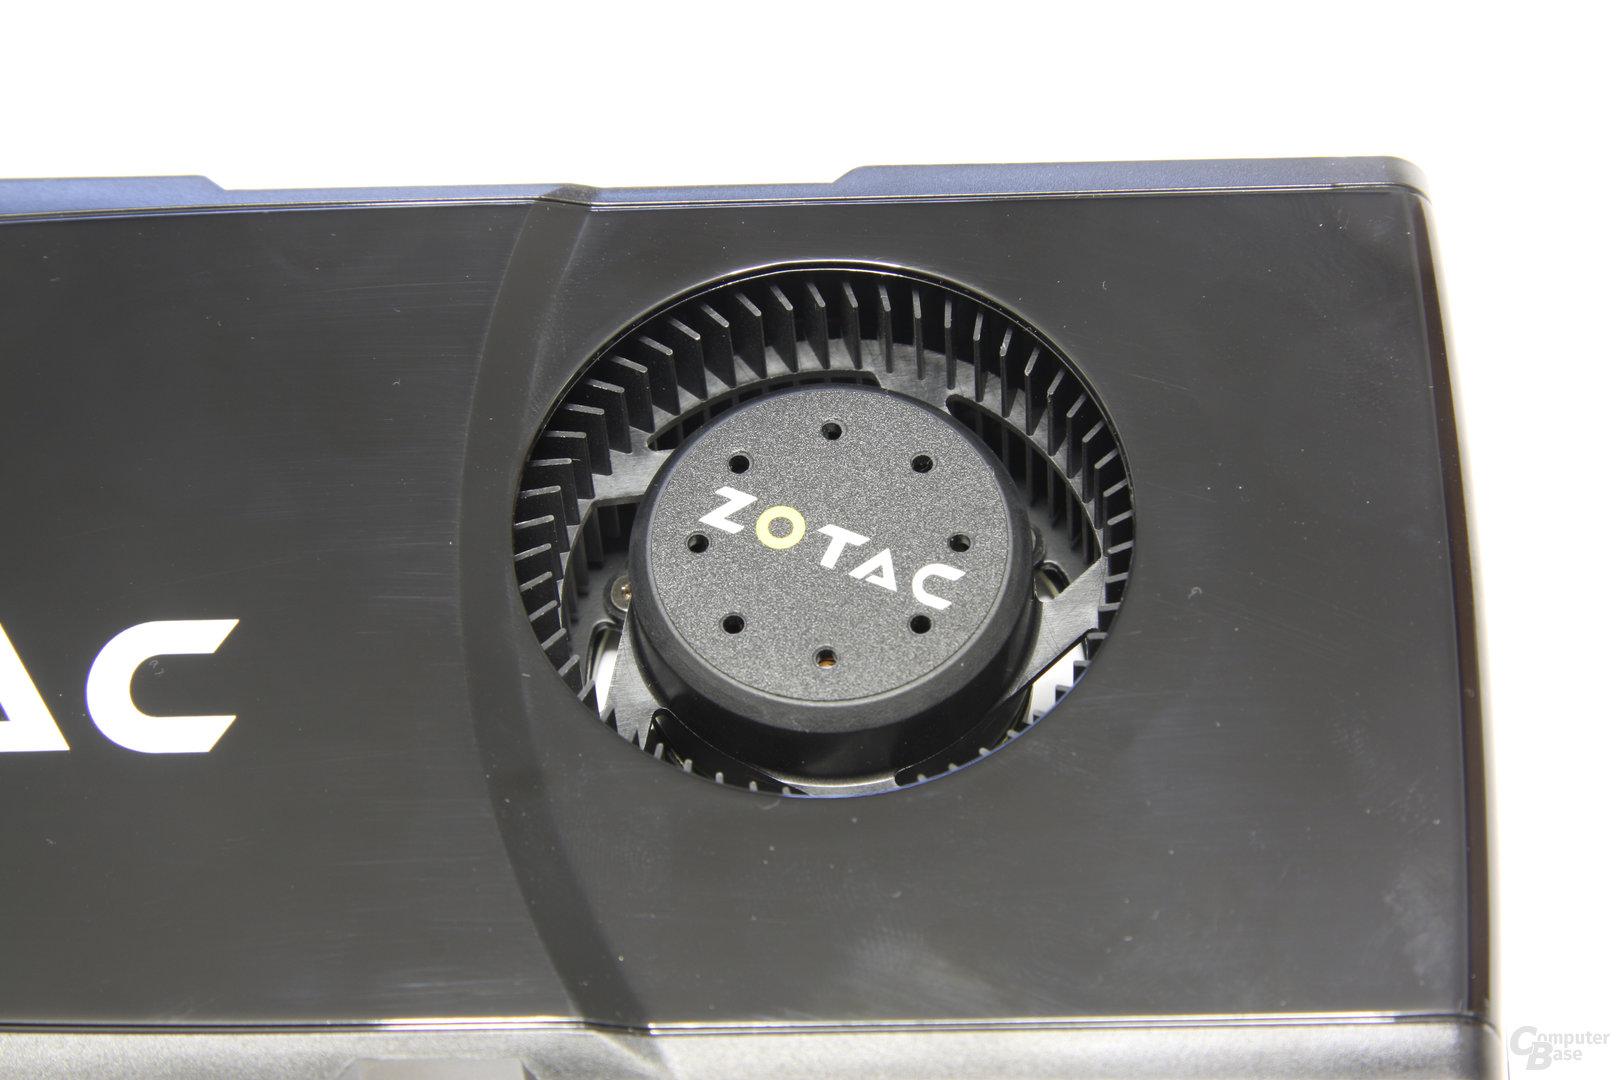 GeForce GTX 470 Lüfter